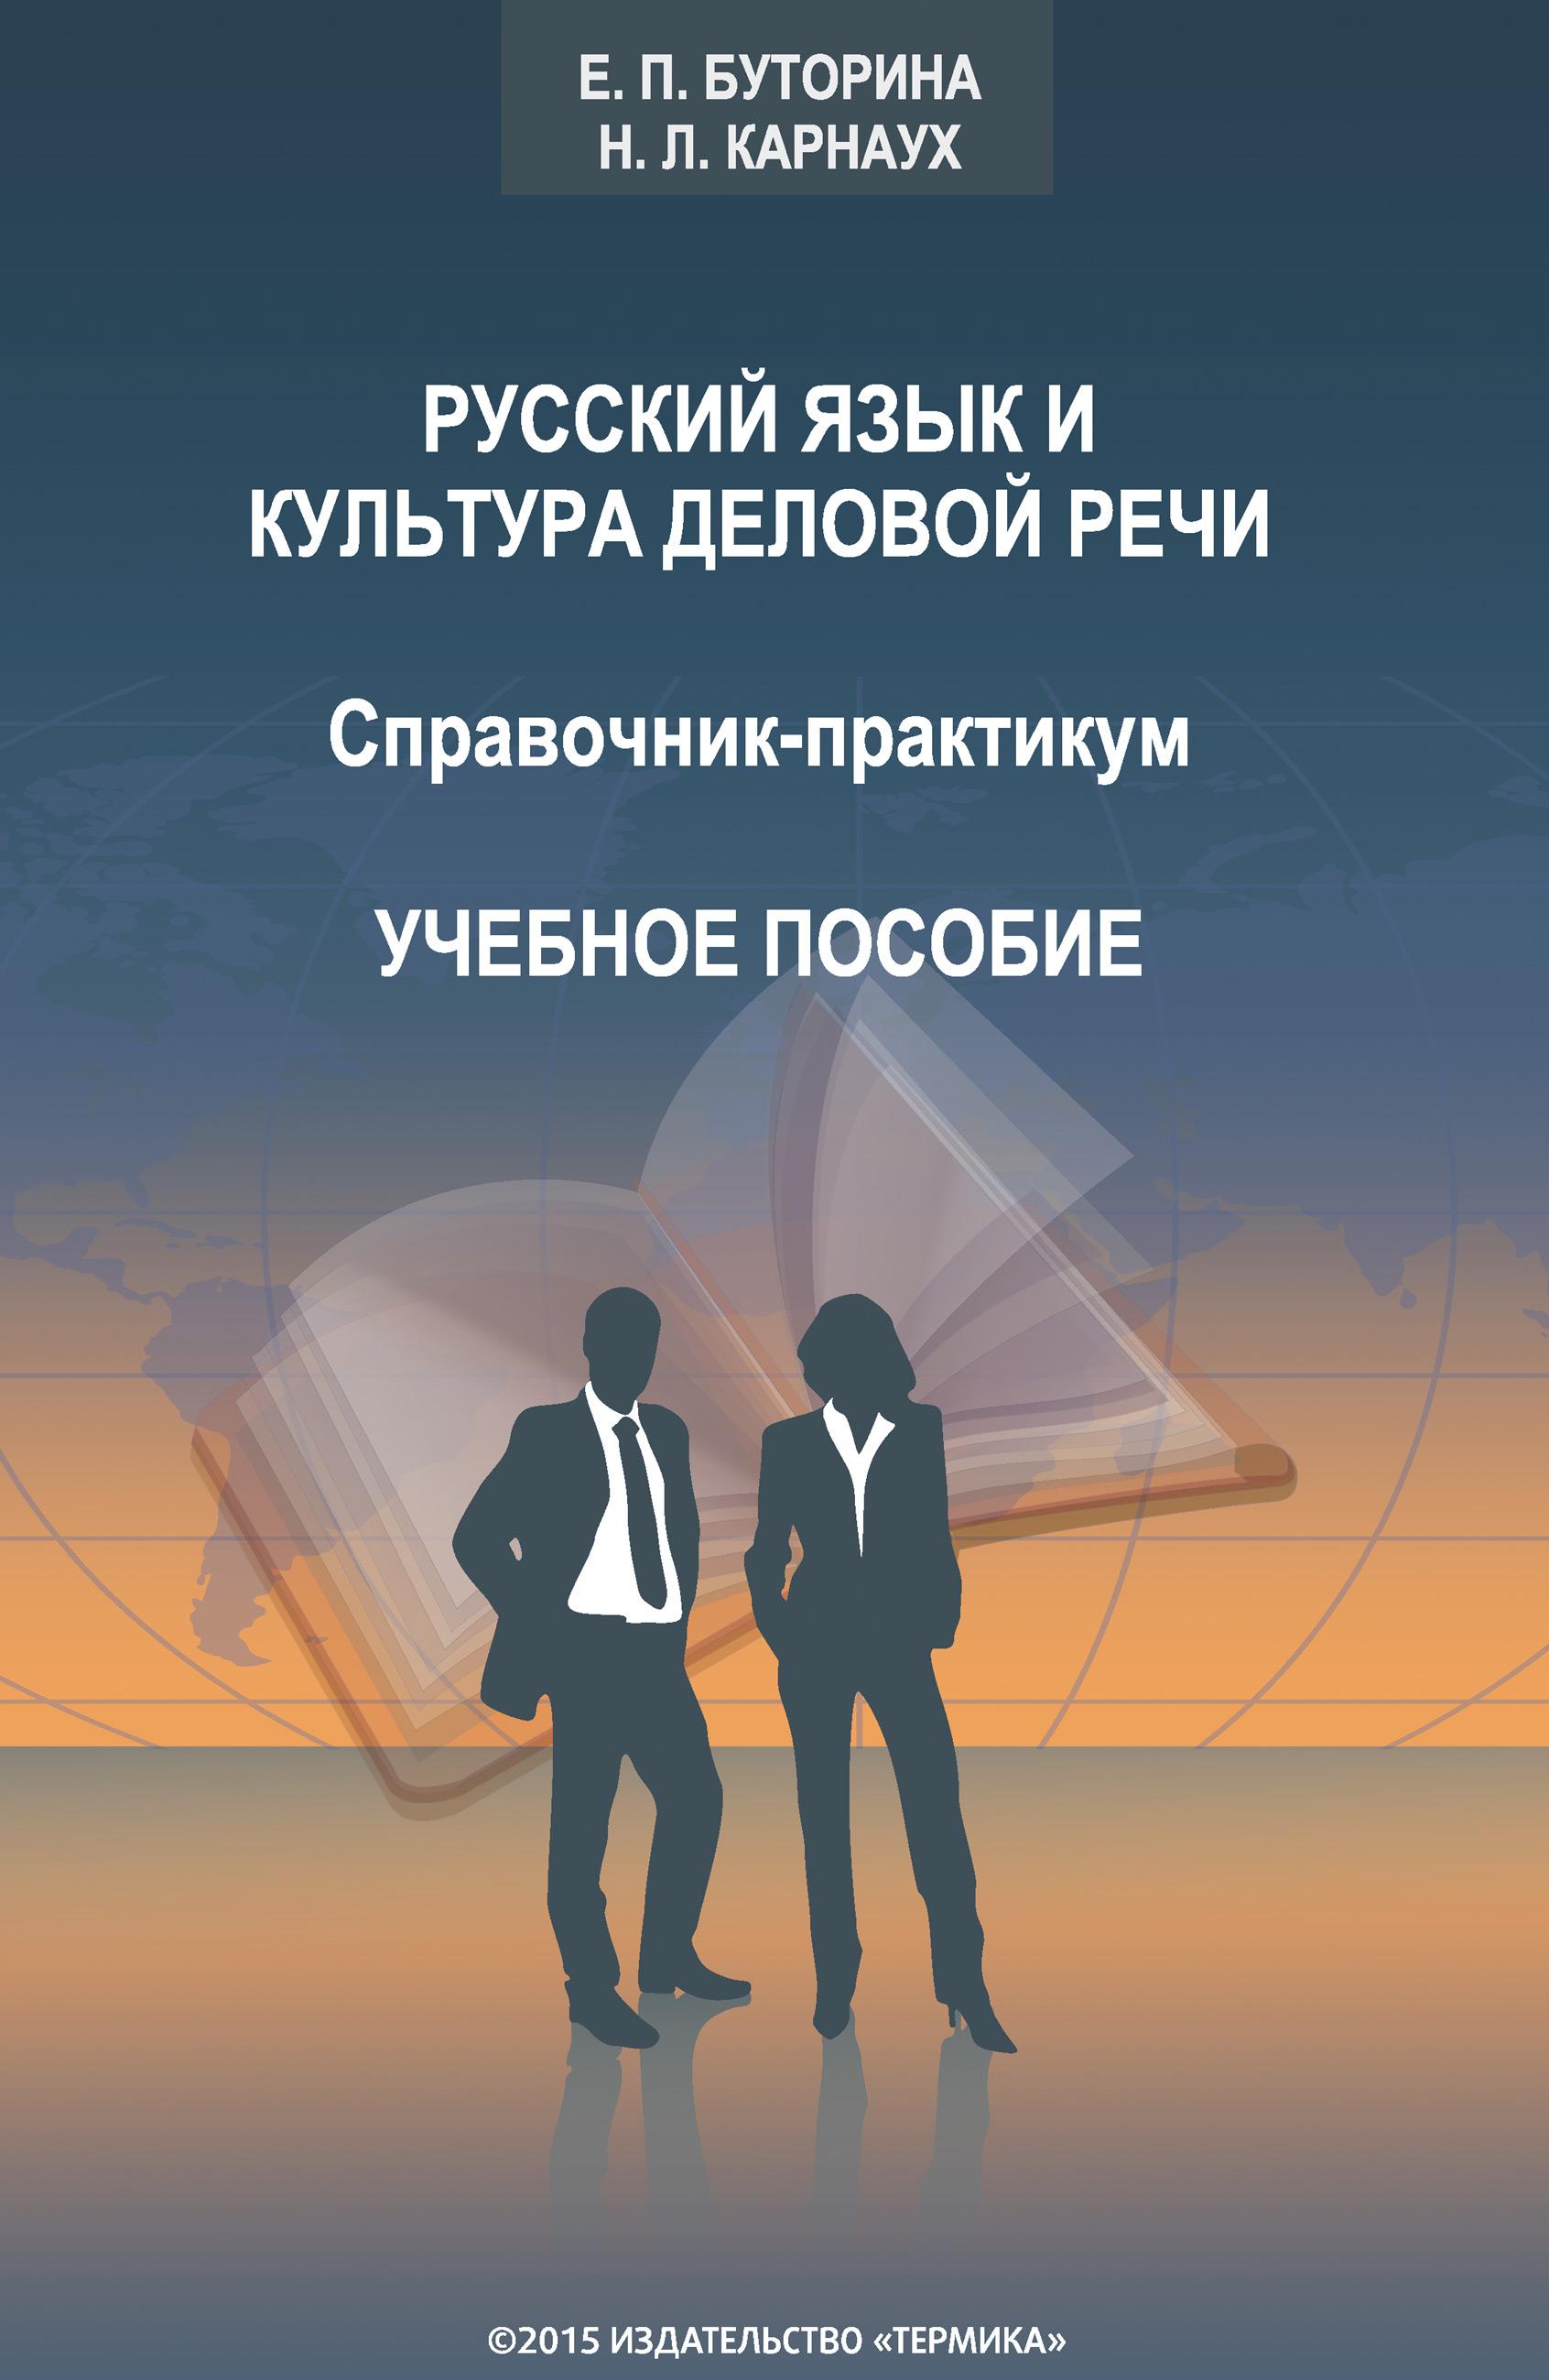 Н. Л. Карнаух Русский язык и культура деловой речи. Справочник-практикум